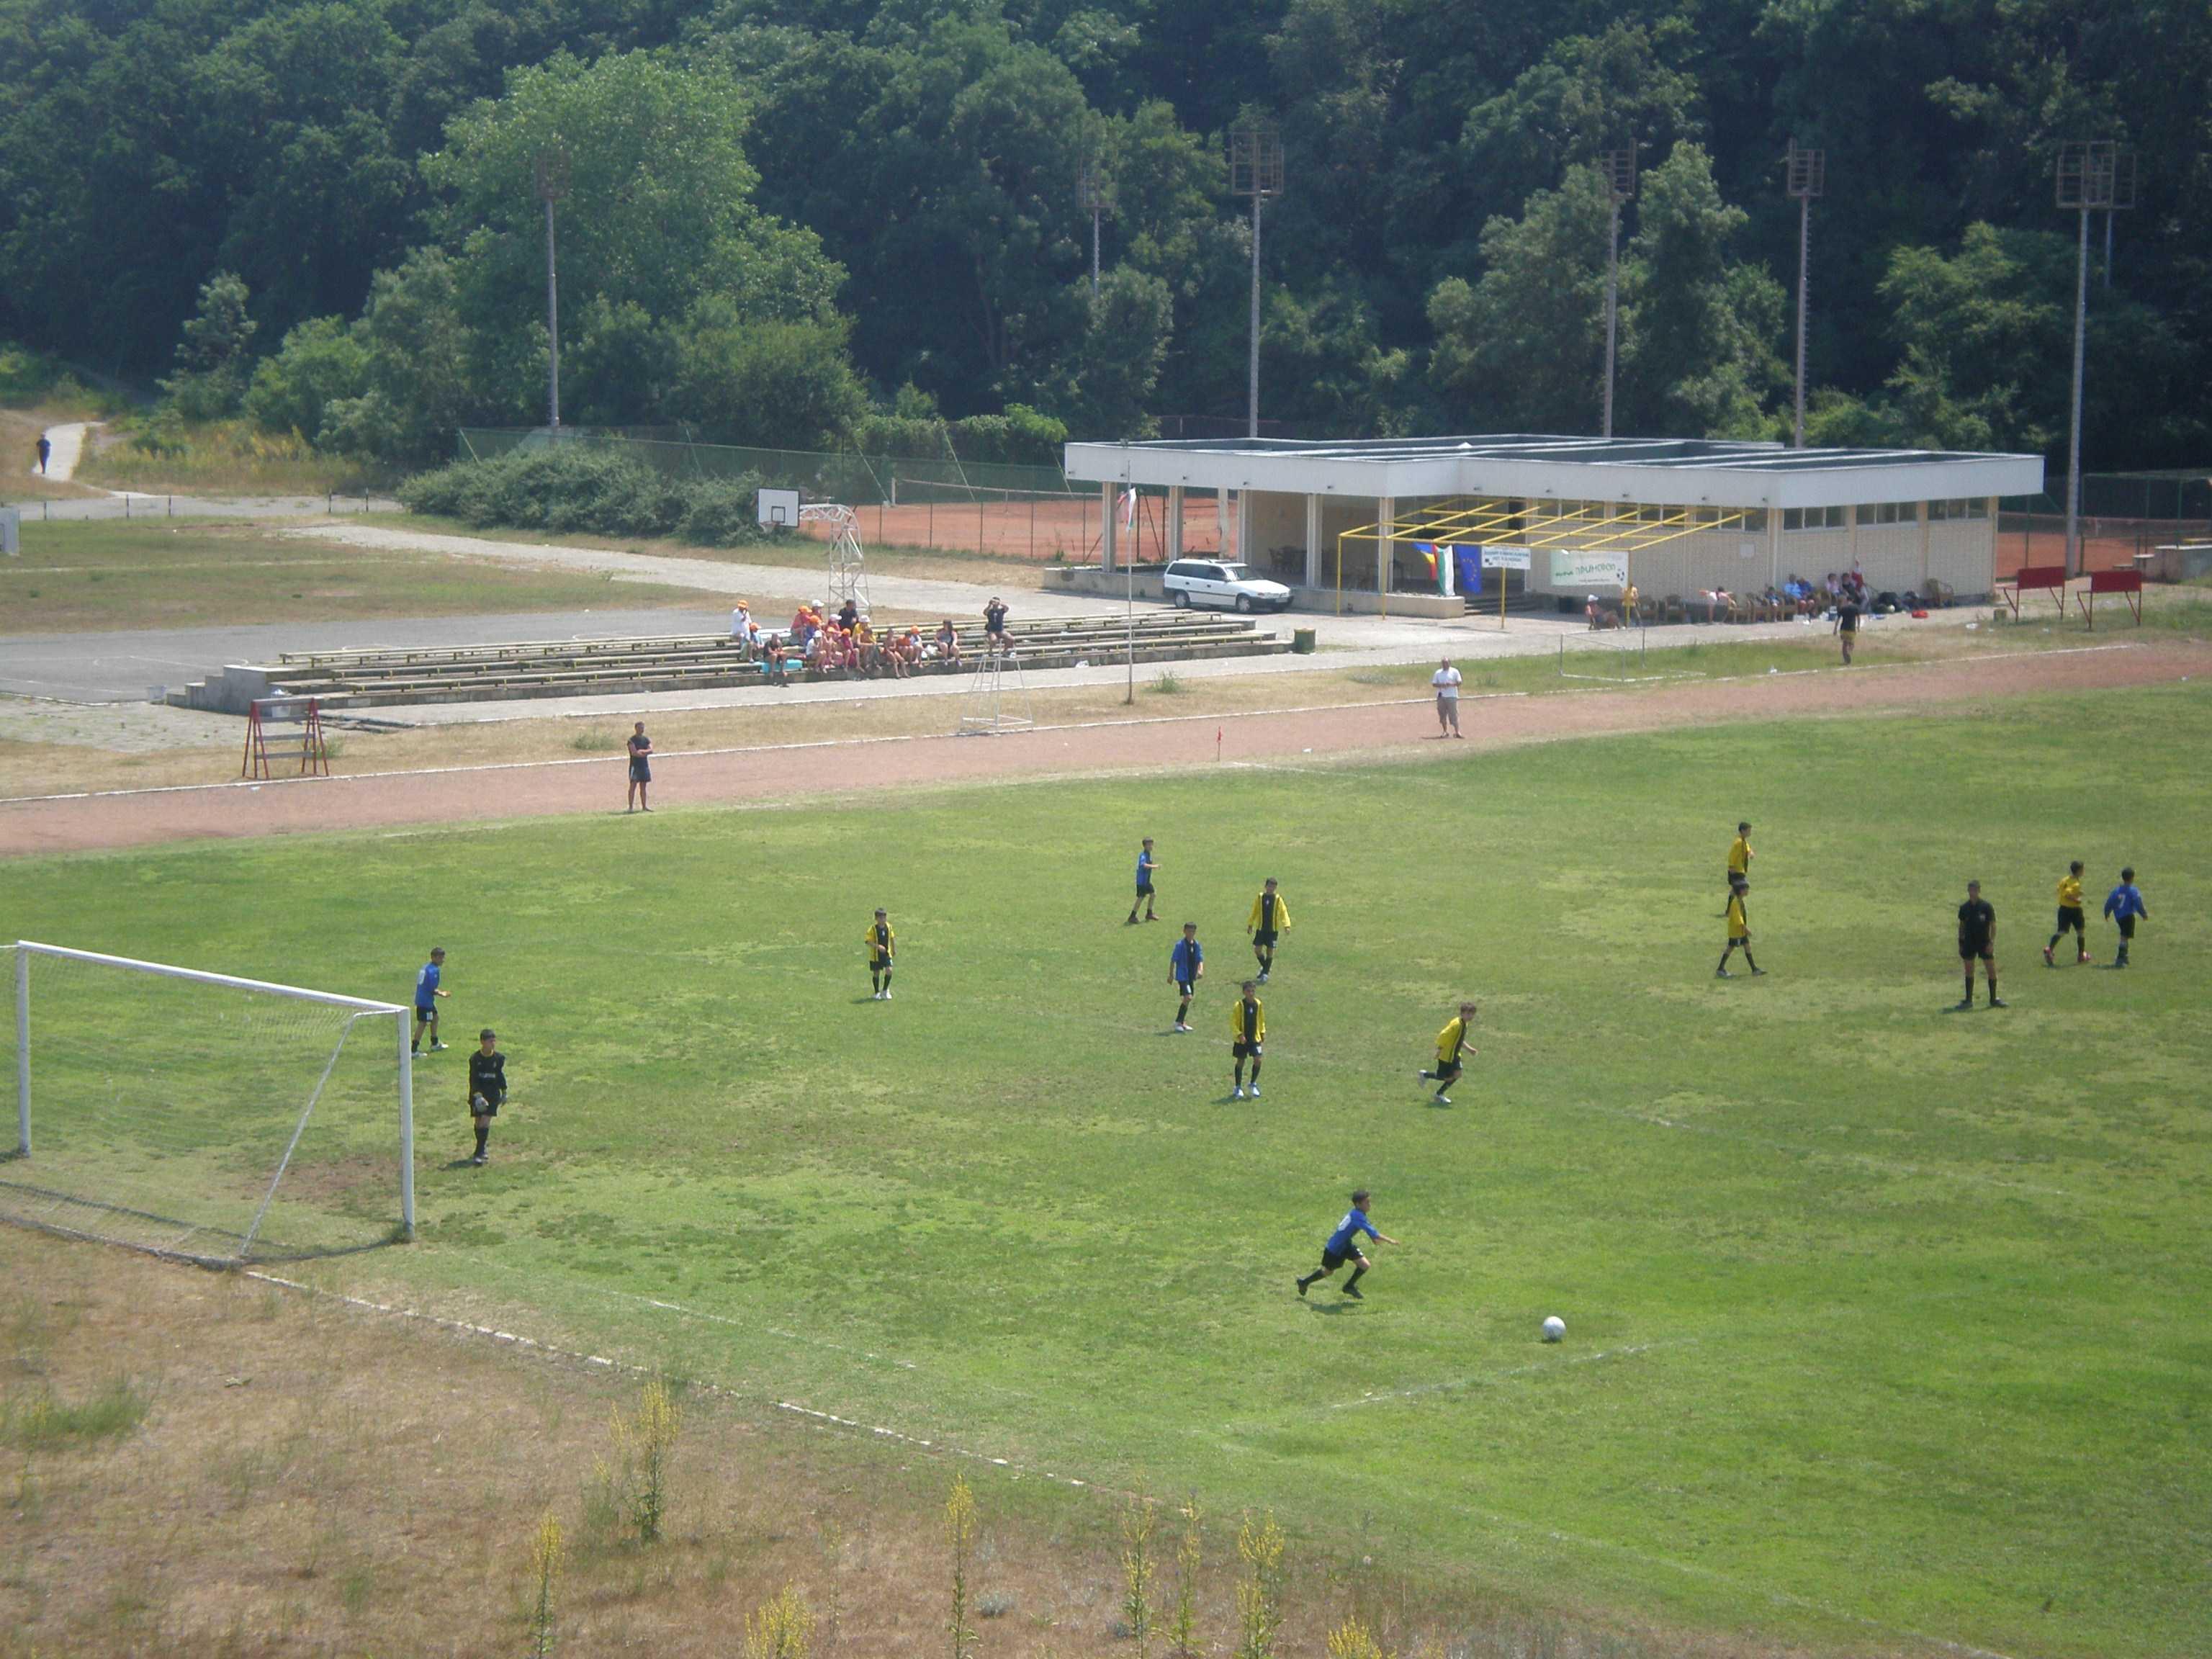 Спортивные лагеря отдыха и базы для спортивных команд, лето 2020